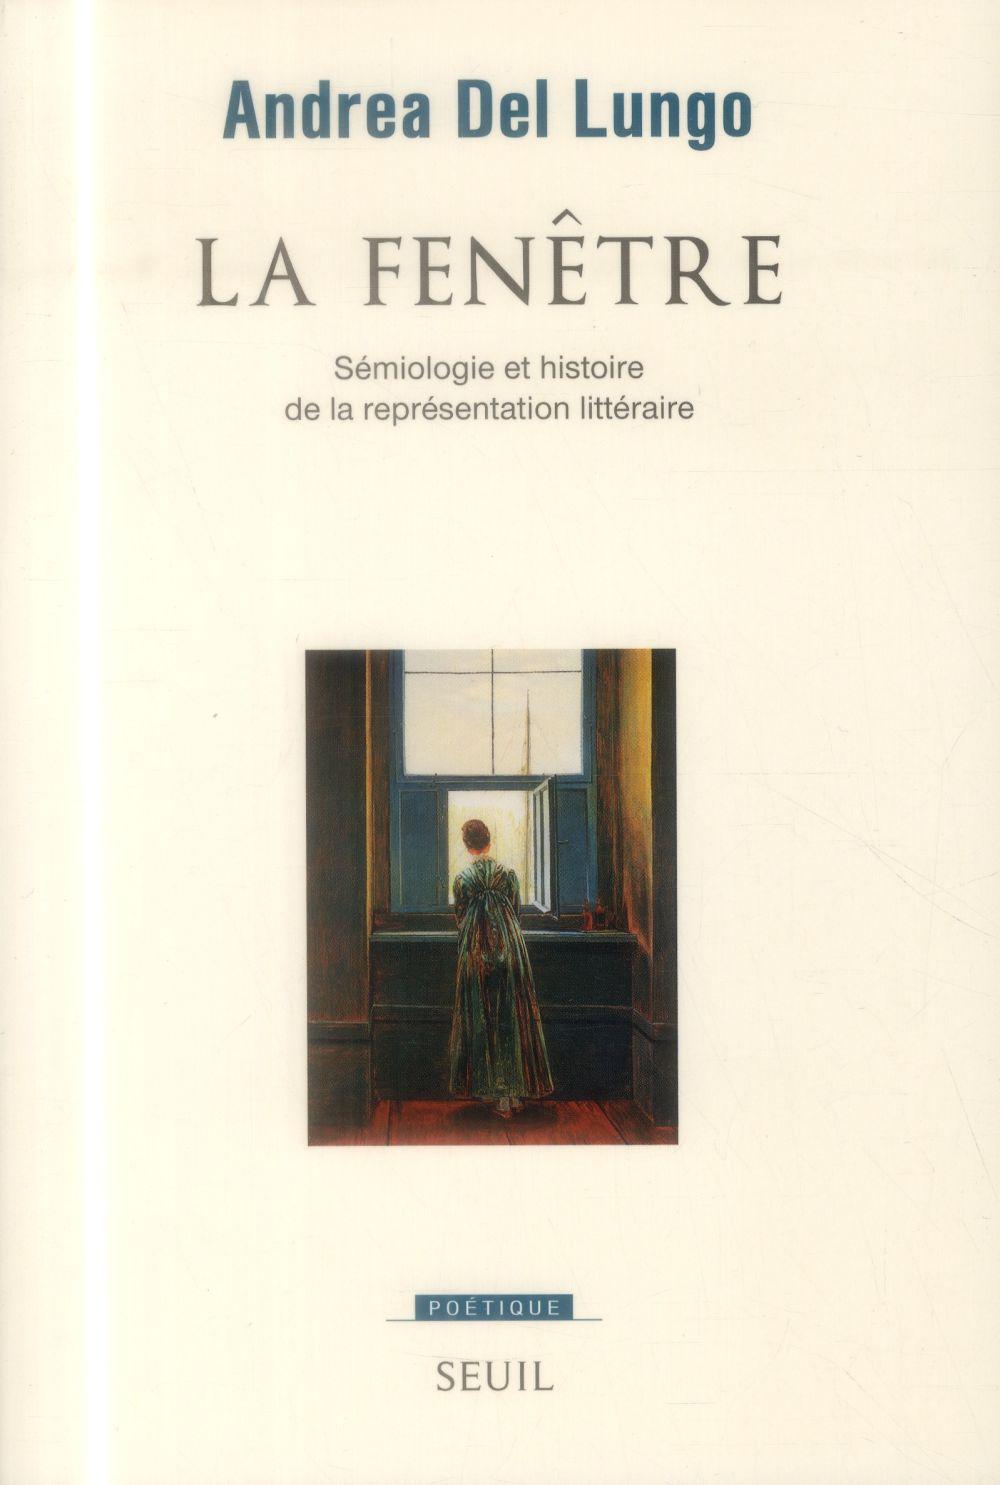 REVUE POETIQUE ; la fenêtre ; sémiologie et histoire de la représentation littéraire